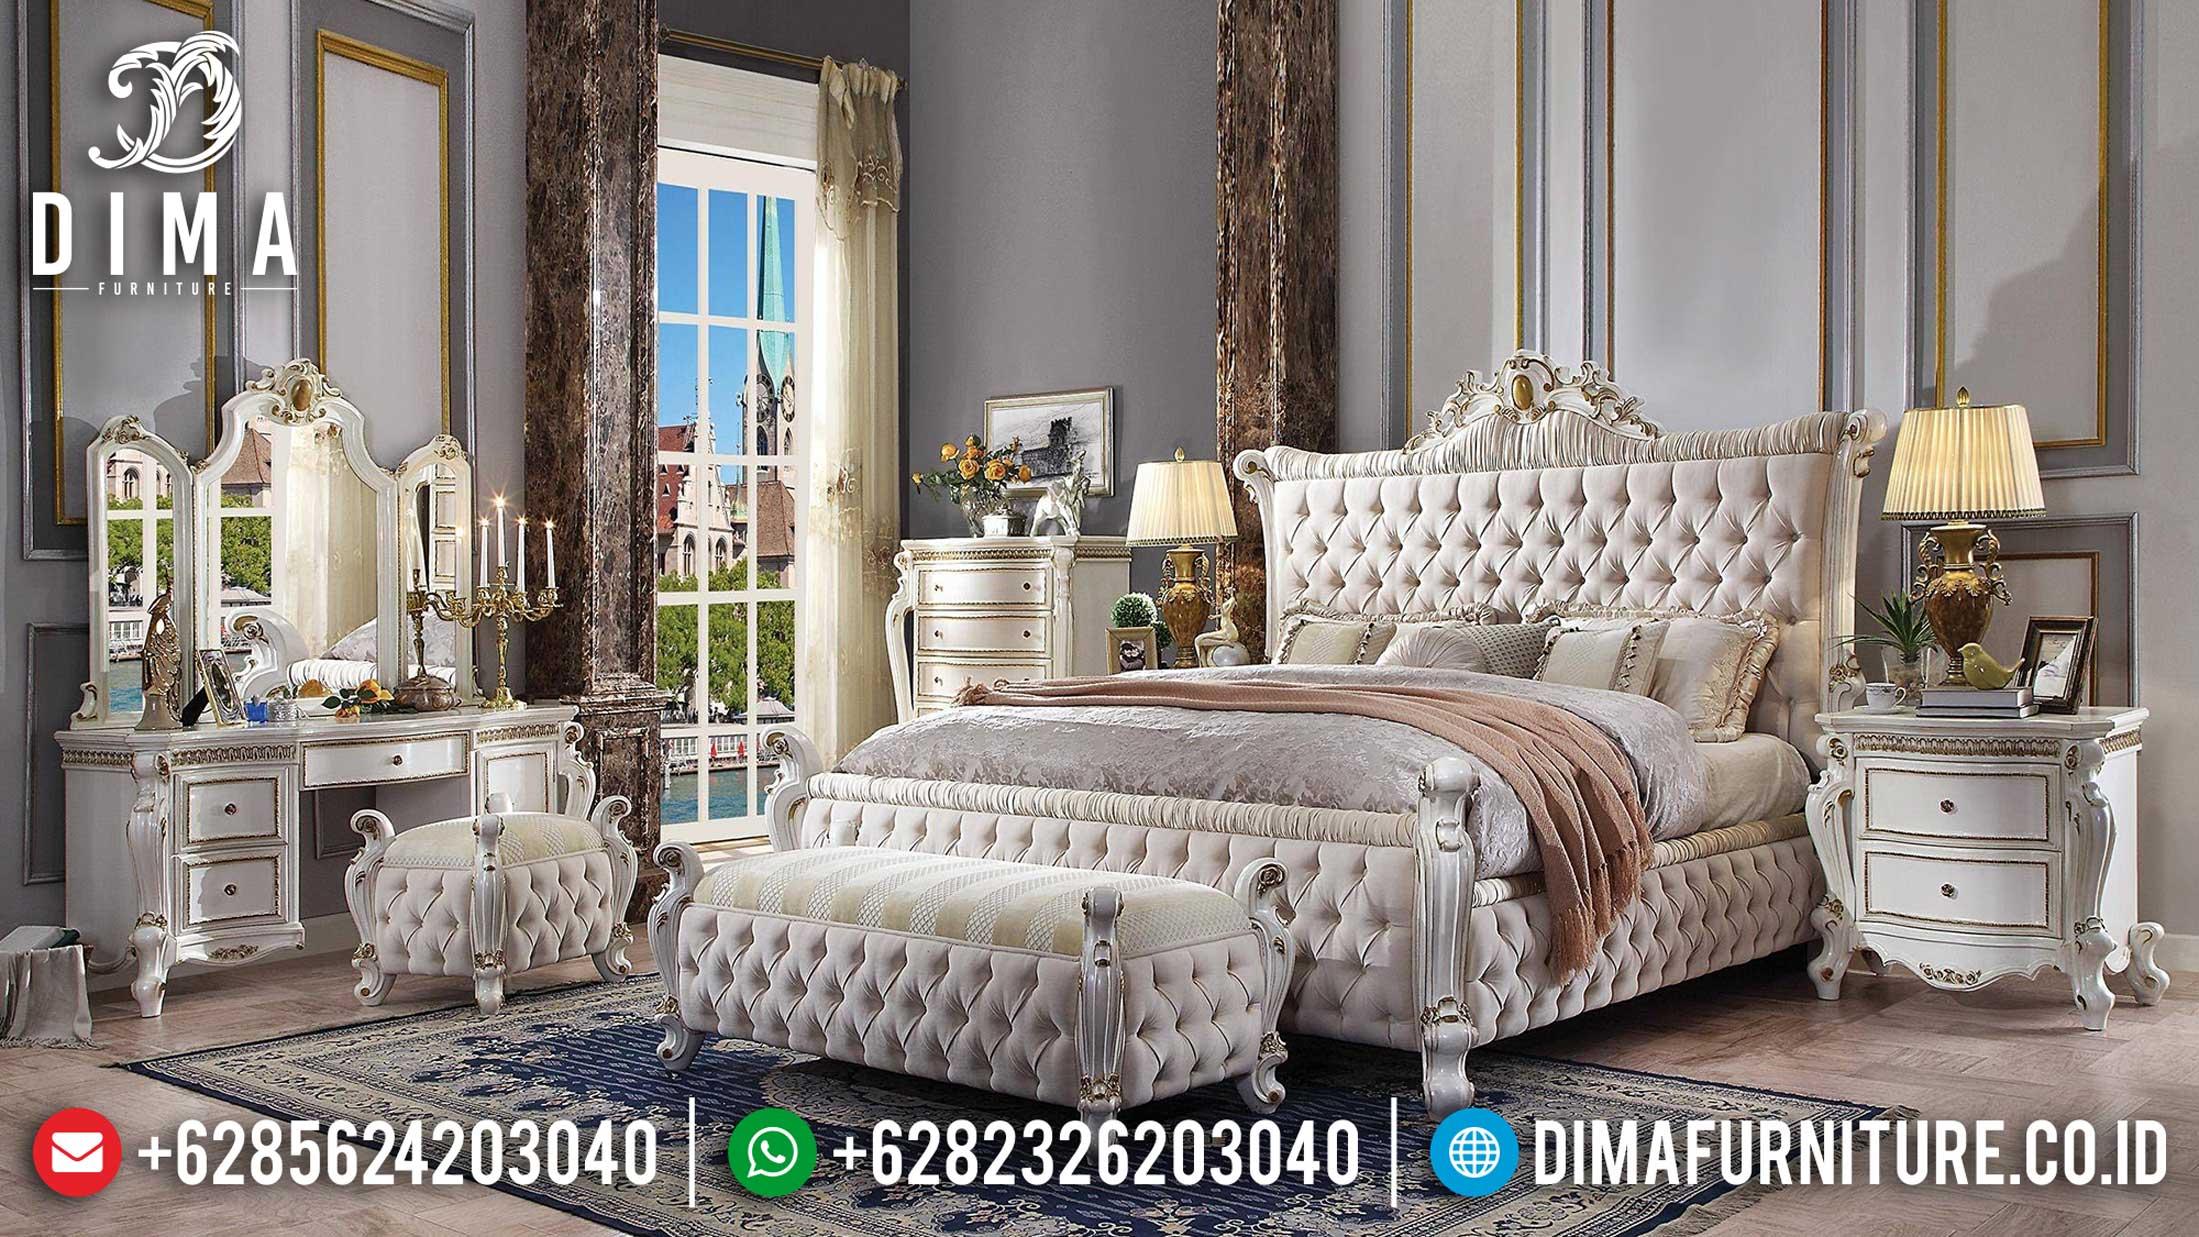 New Kamar Set Mewah Ukiran Jepara Xavier Glorious Style Mebel Jepara TTJ-1111